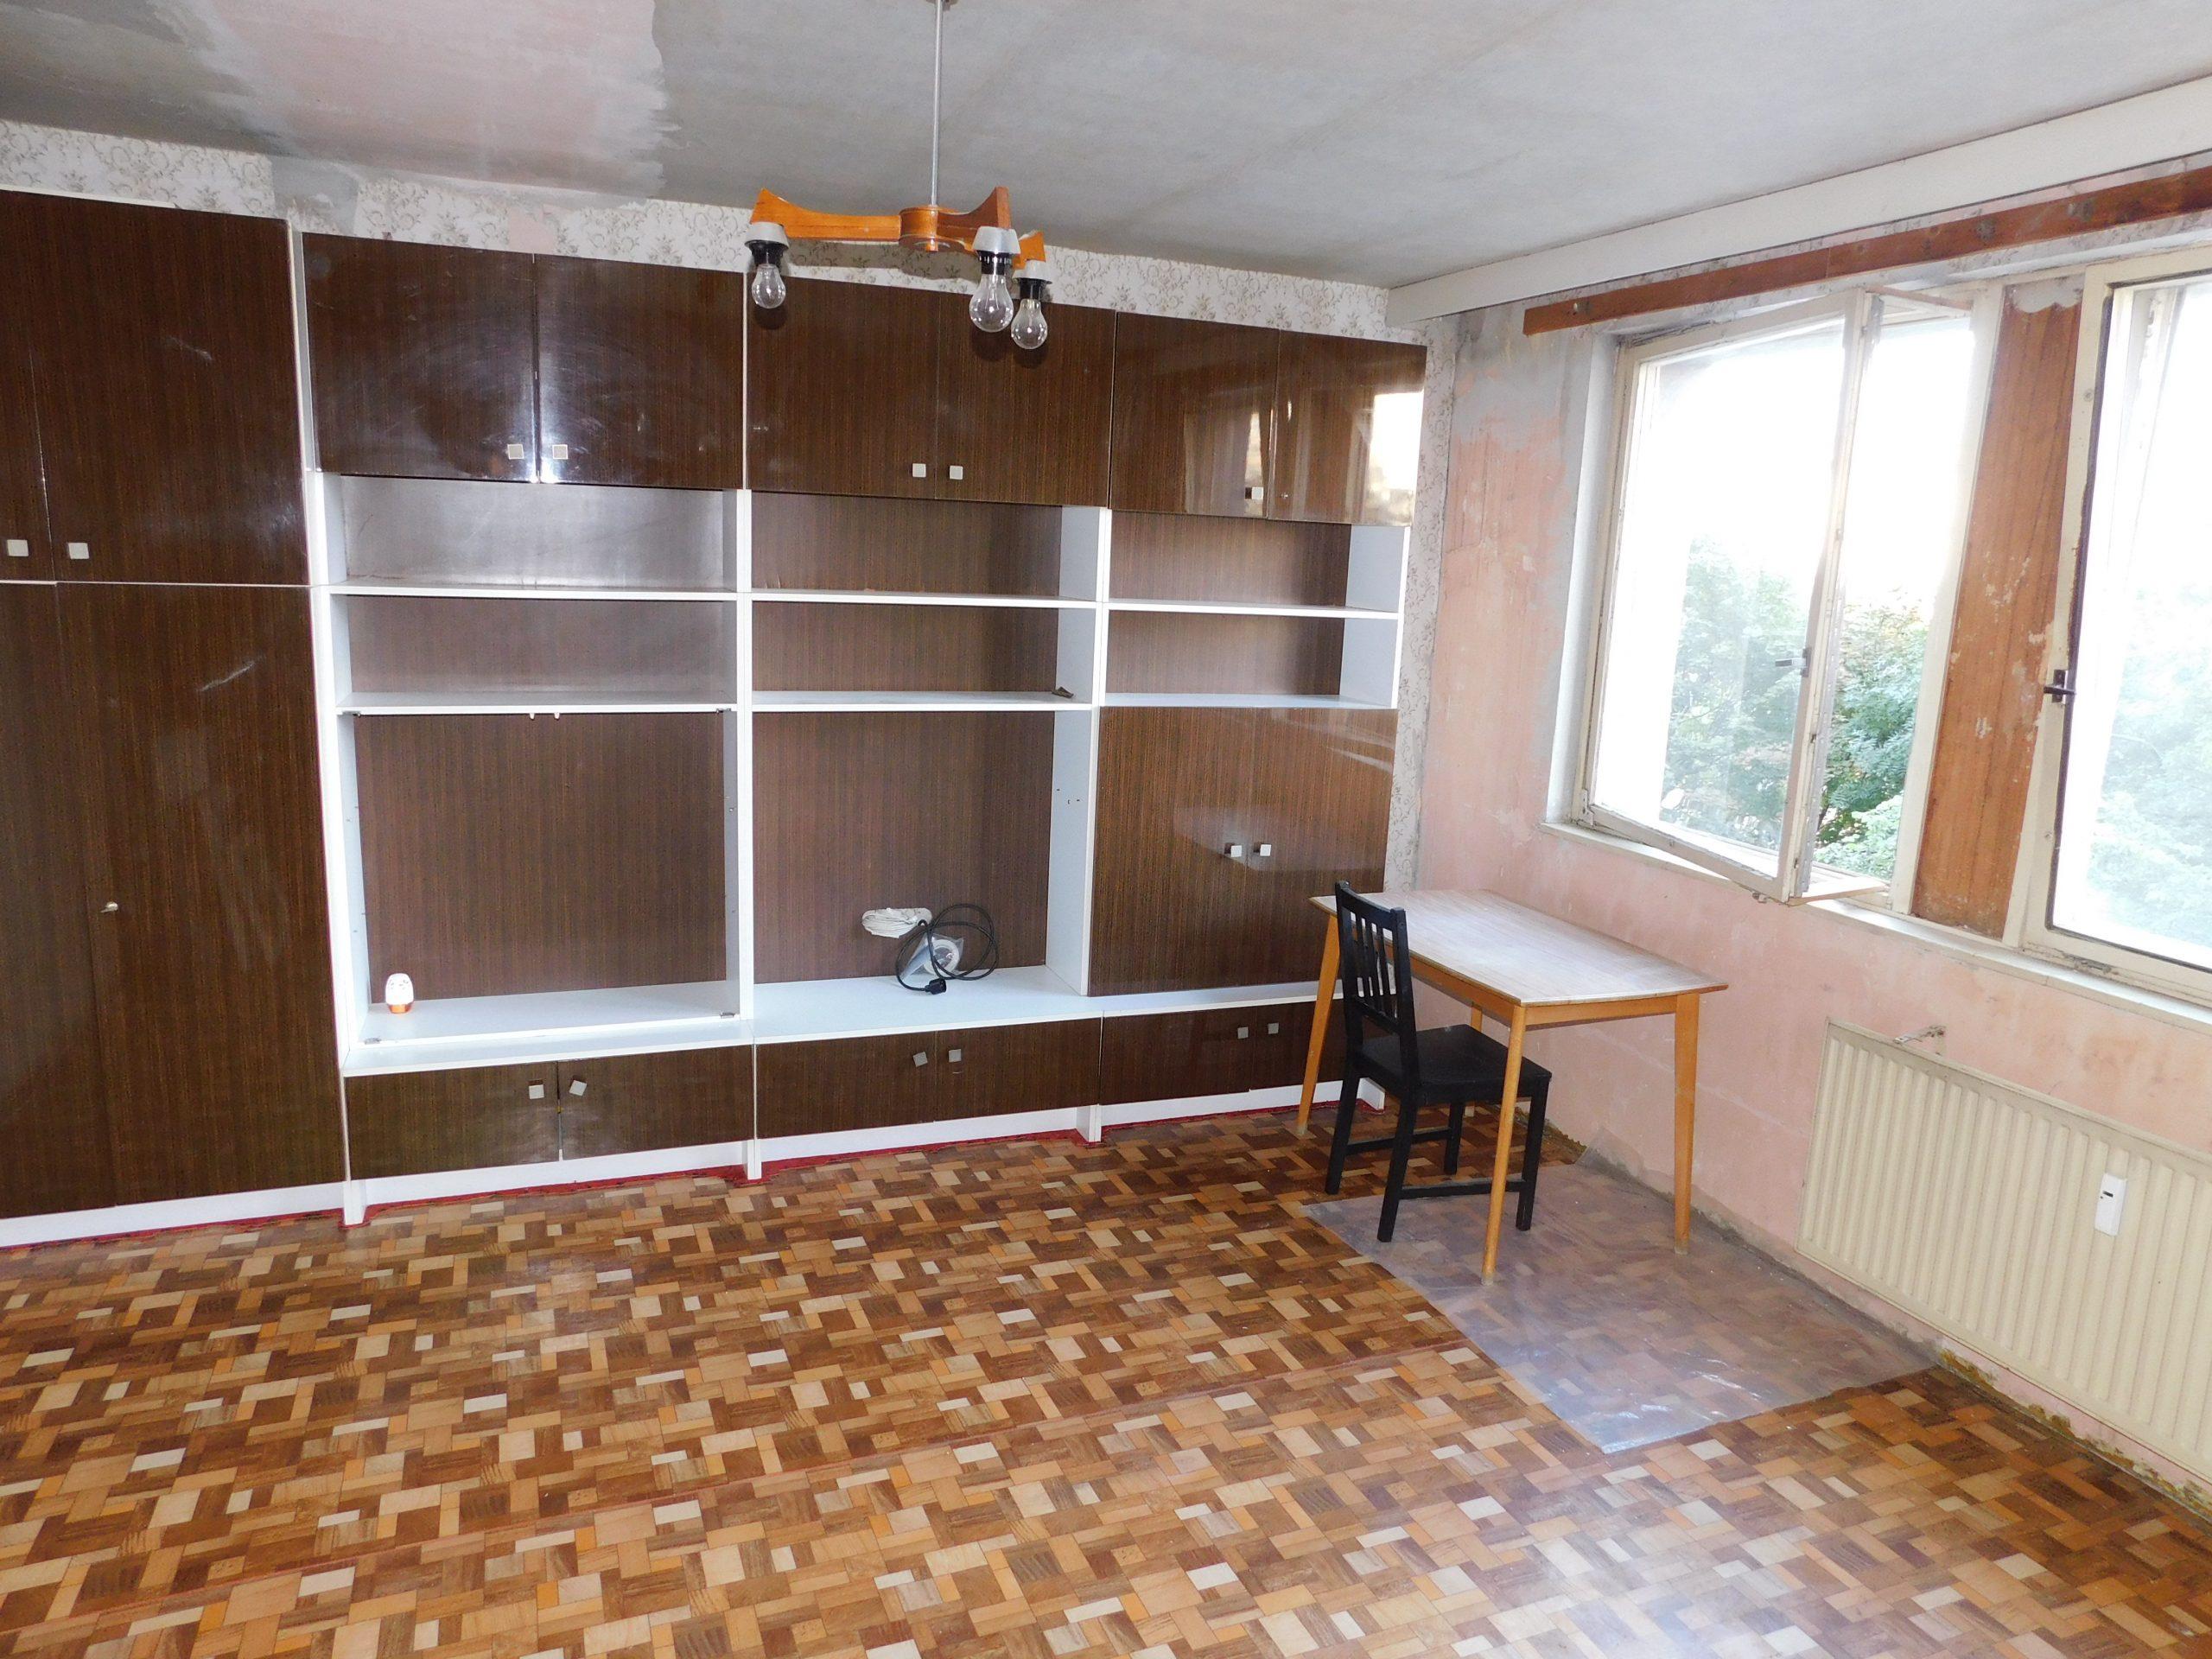 PREDANÉ 1 izbový byt, pôvodný stav, Bratislava – Petržalka